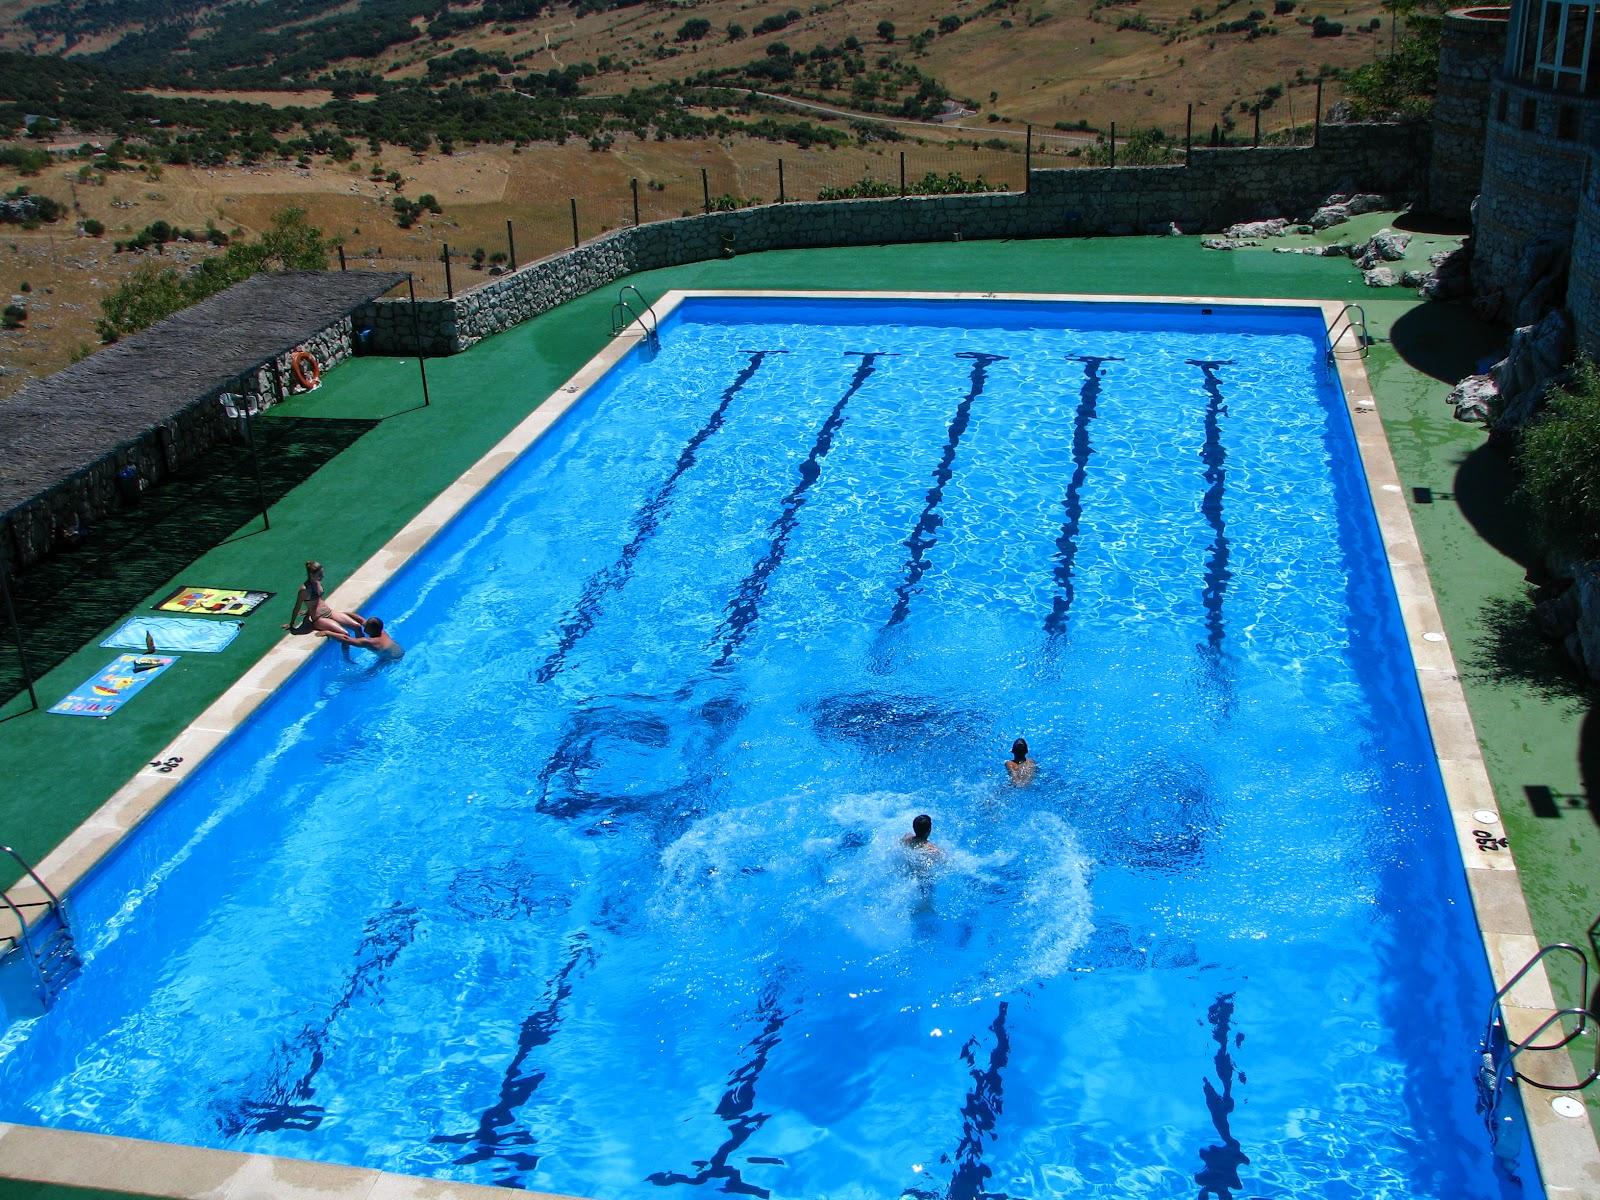 Radio grazalema este viernes abre sus puertas la piscina for Piscinas naturales grazalema